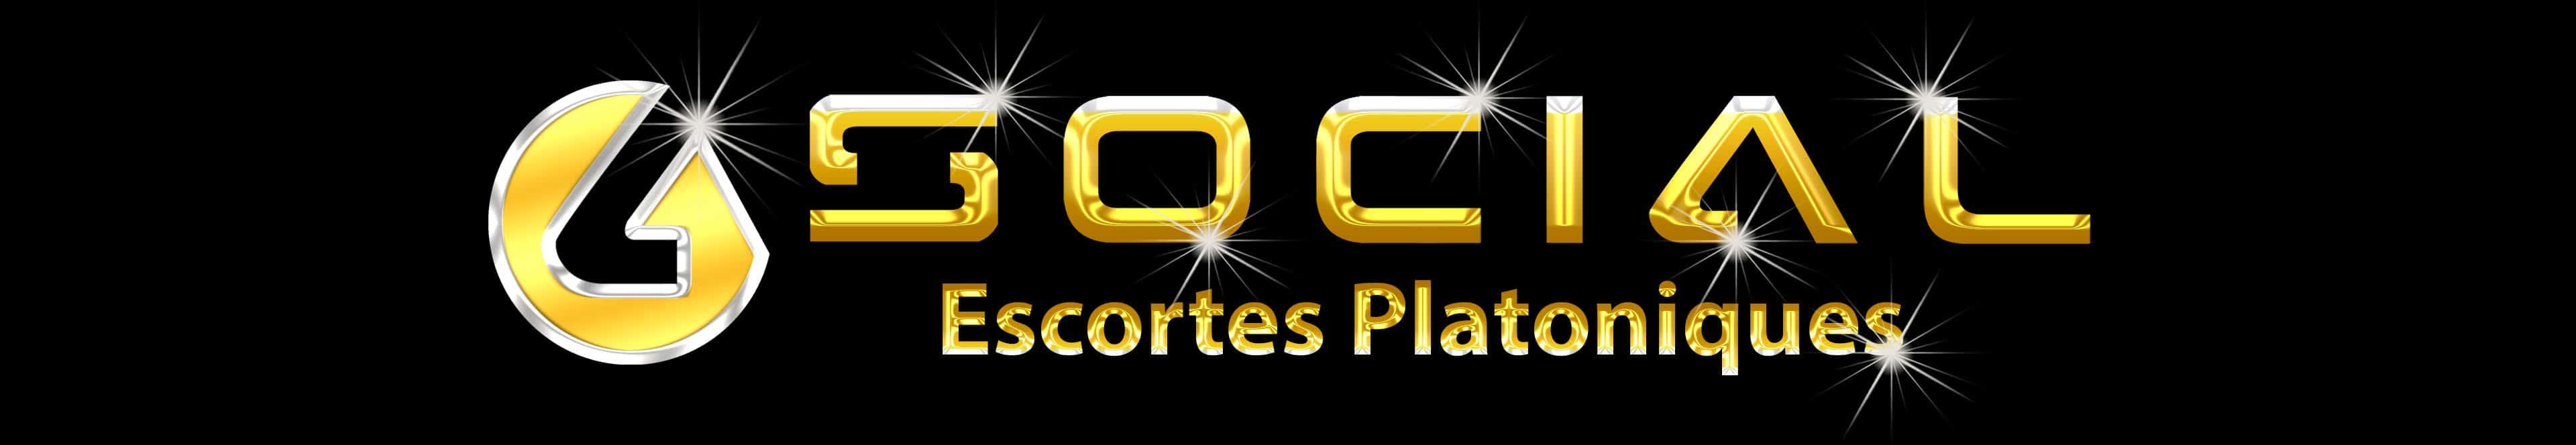 Logo-Division-Absolu-Social-Escortes-Platoniques-Absolu-Copine-Montréal-FR-4K